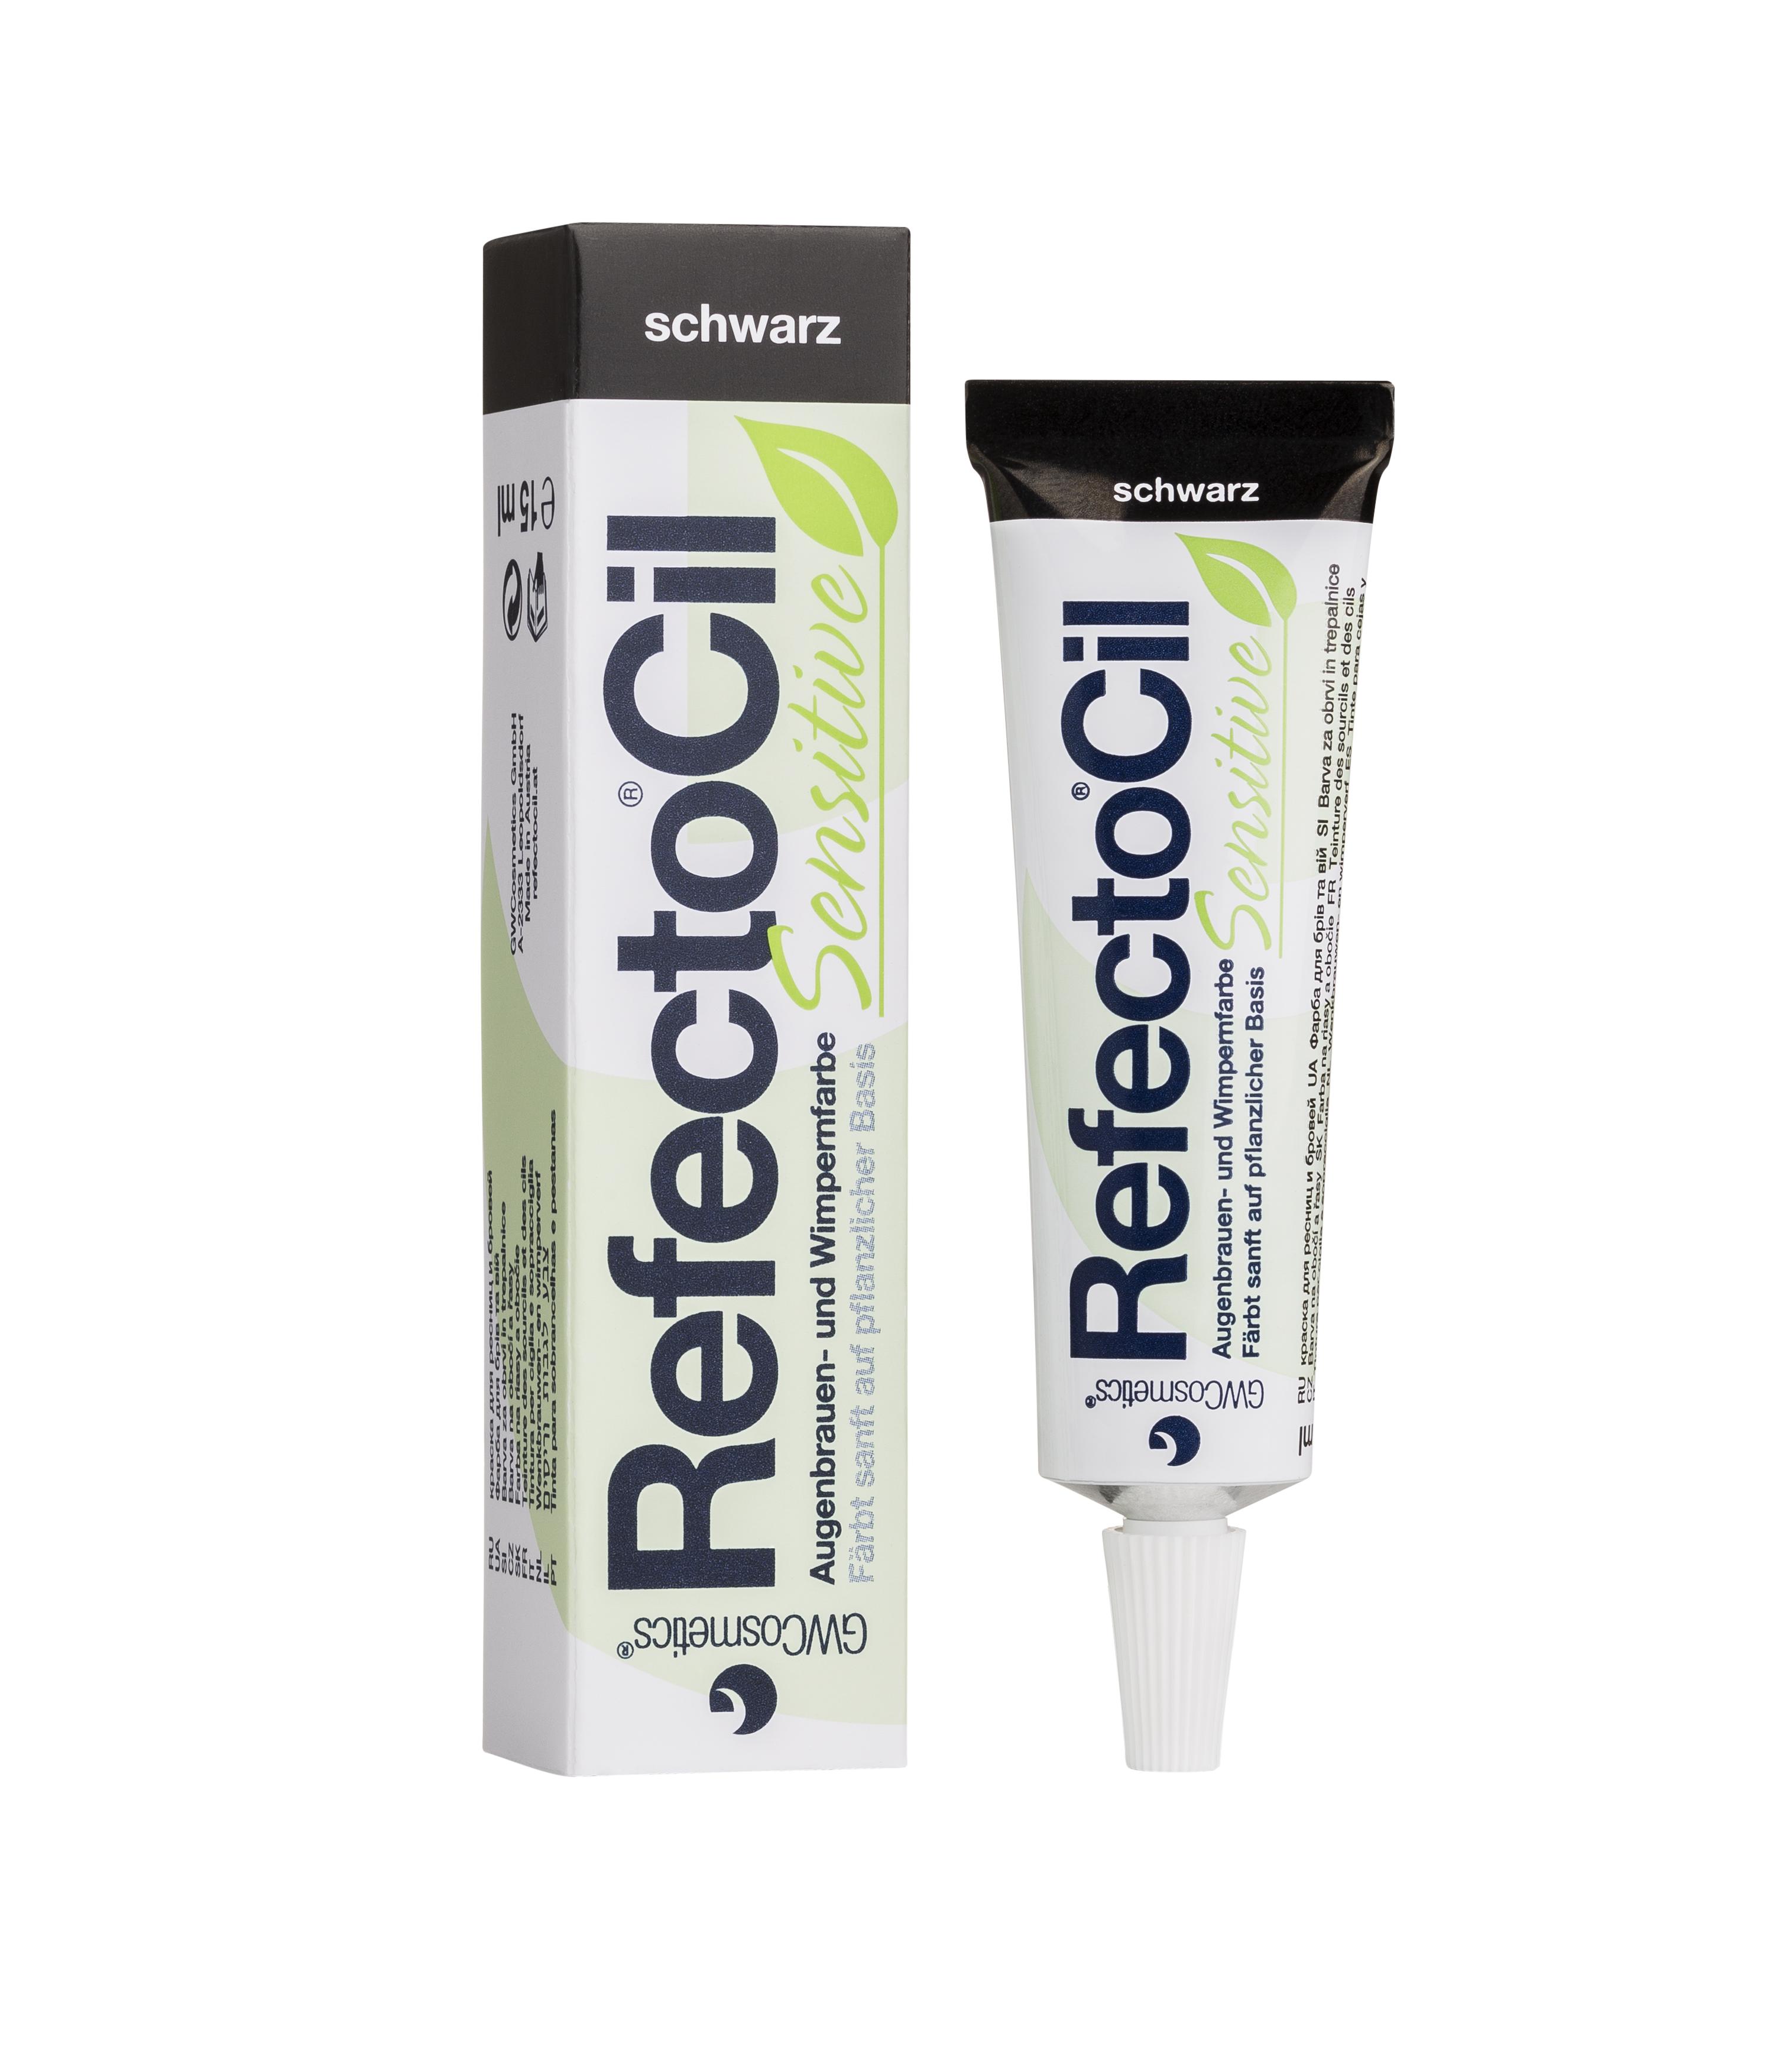 RefectoCil Sensitive Augenbrauen- und Wimpernfarbe 15 ml